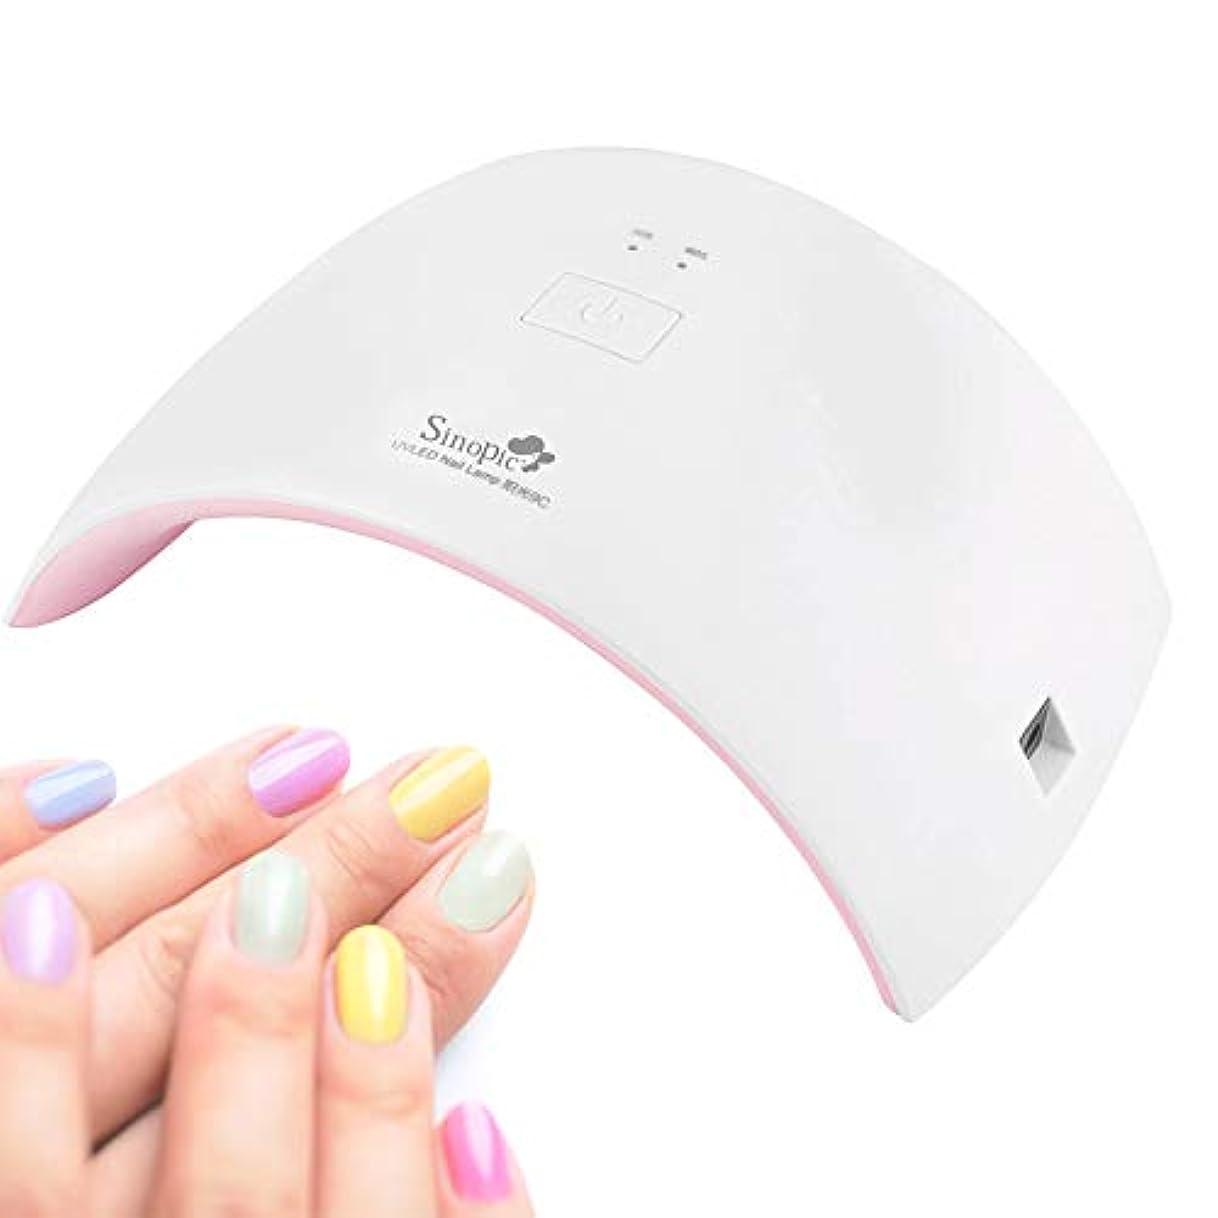 風変わりなステープルレバーSinopic ネイル硬化用ライト 24W UVライトネイルドライヤー UV LEDライトマニキュア用 LED ネイルドライヤー タイマー機能 自動センサー機能 レジンにも便利